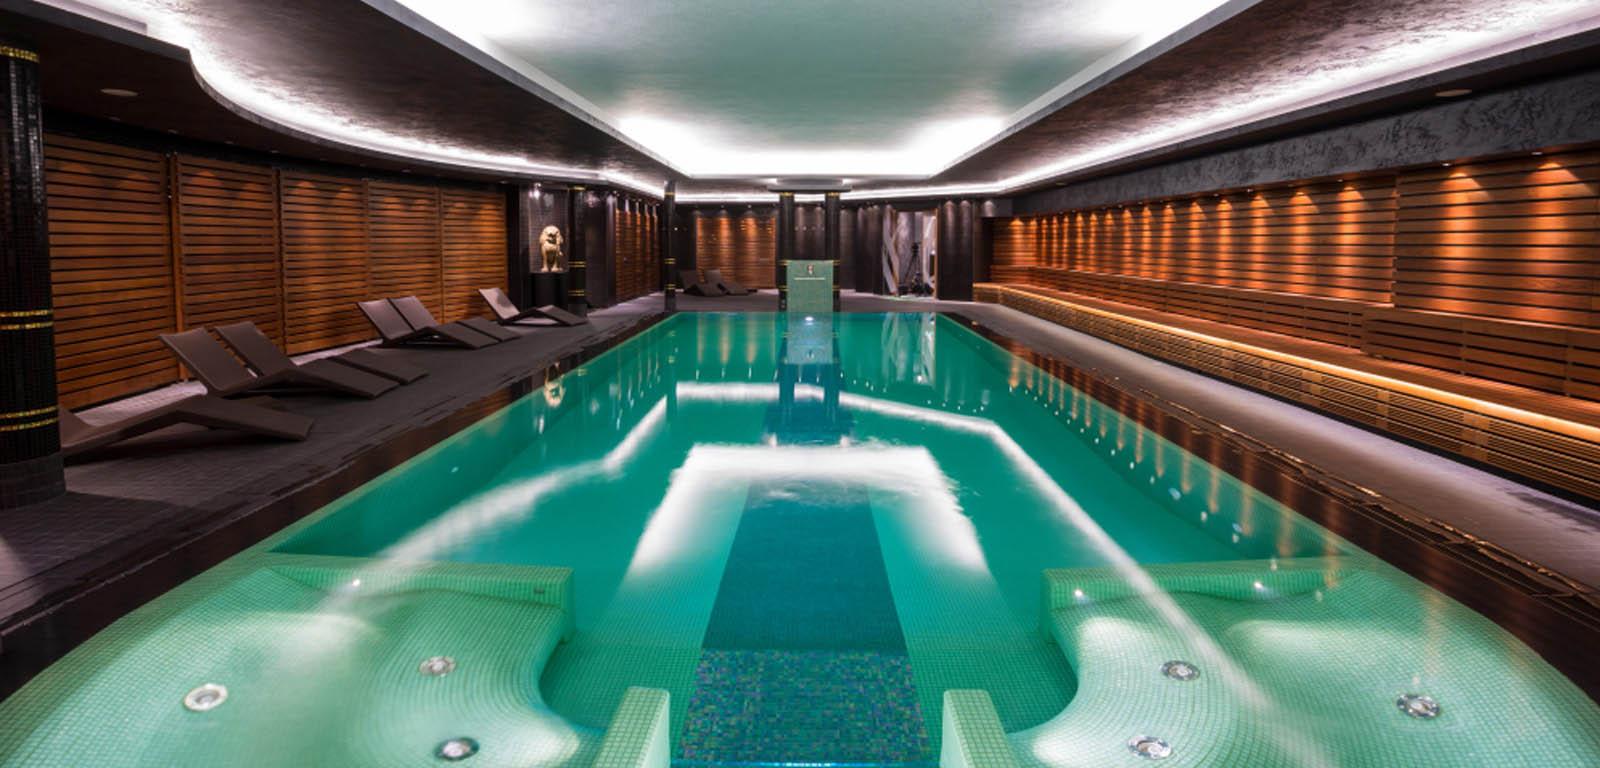 Piscine da interno sport e relax piscine castiglione - Piscina da interno ...